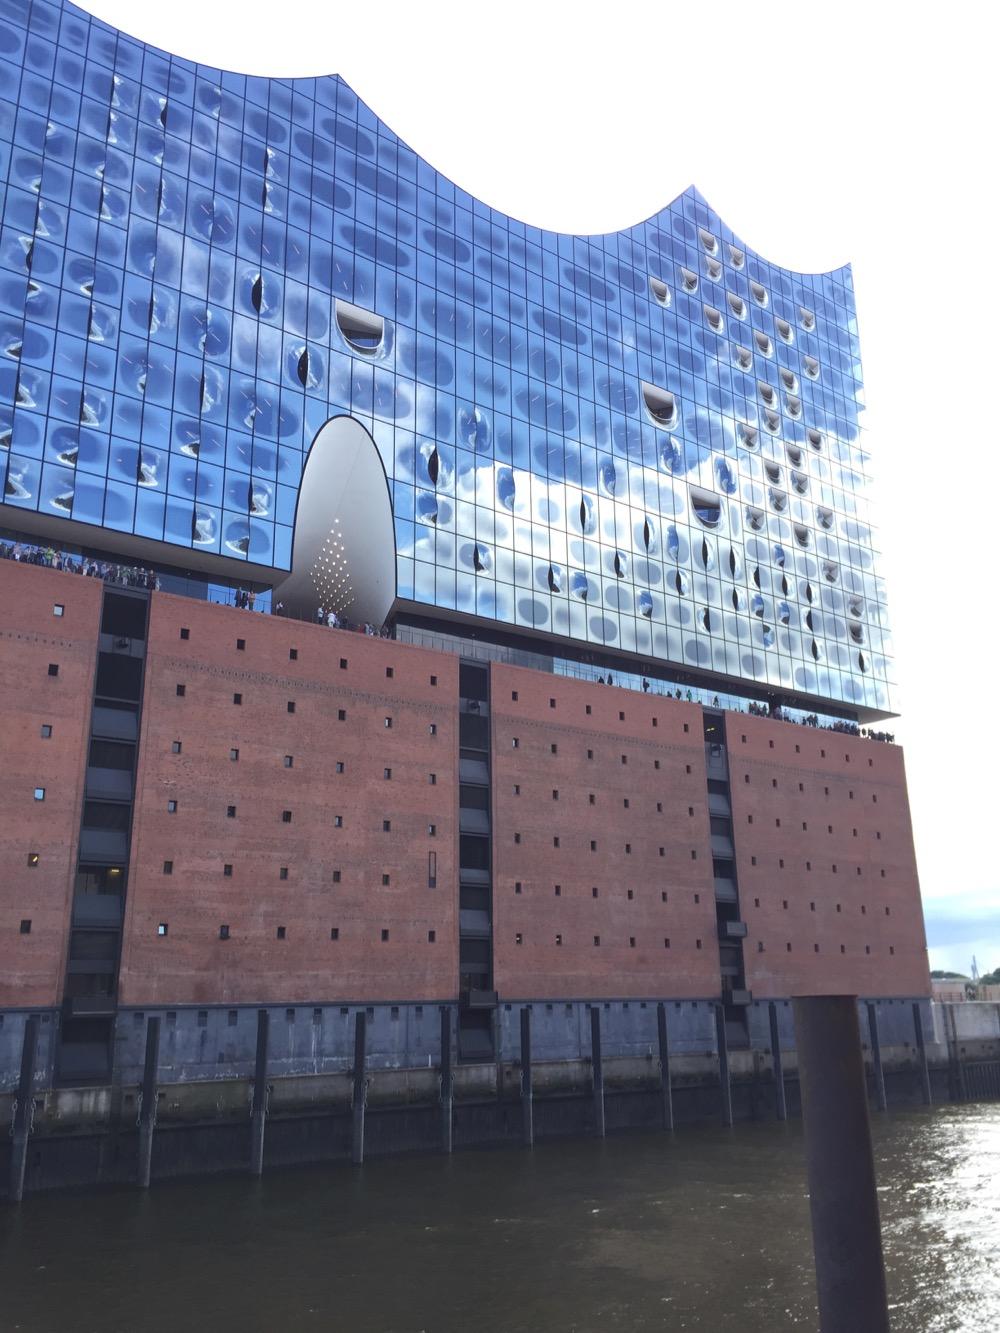 Je bekijkt nu Hamburg's havengebied – 2017